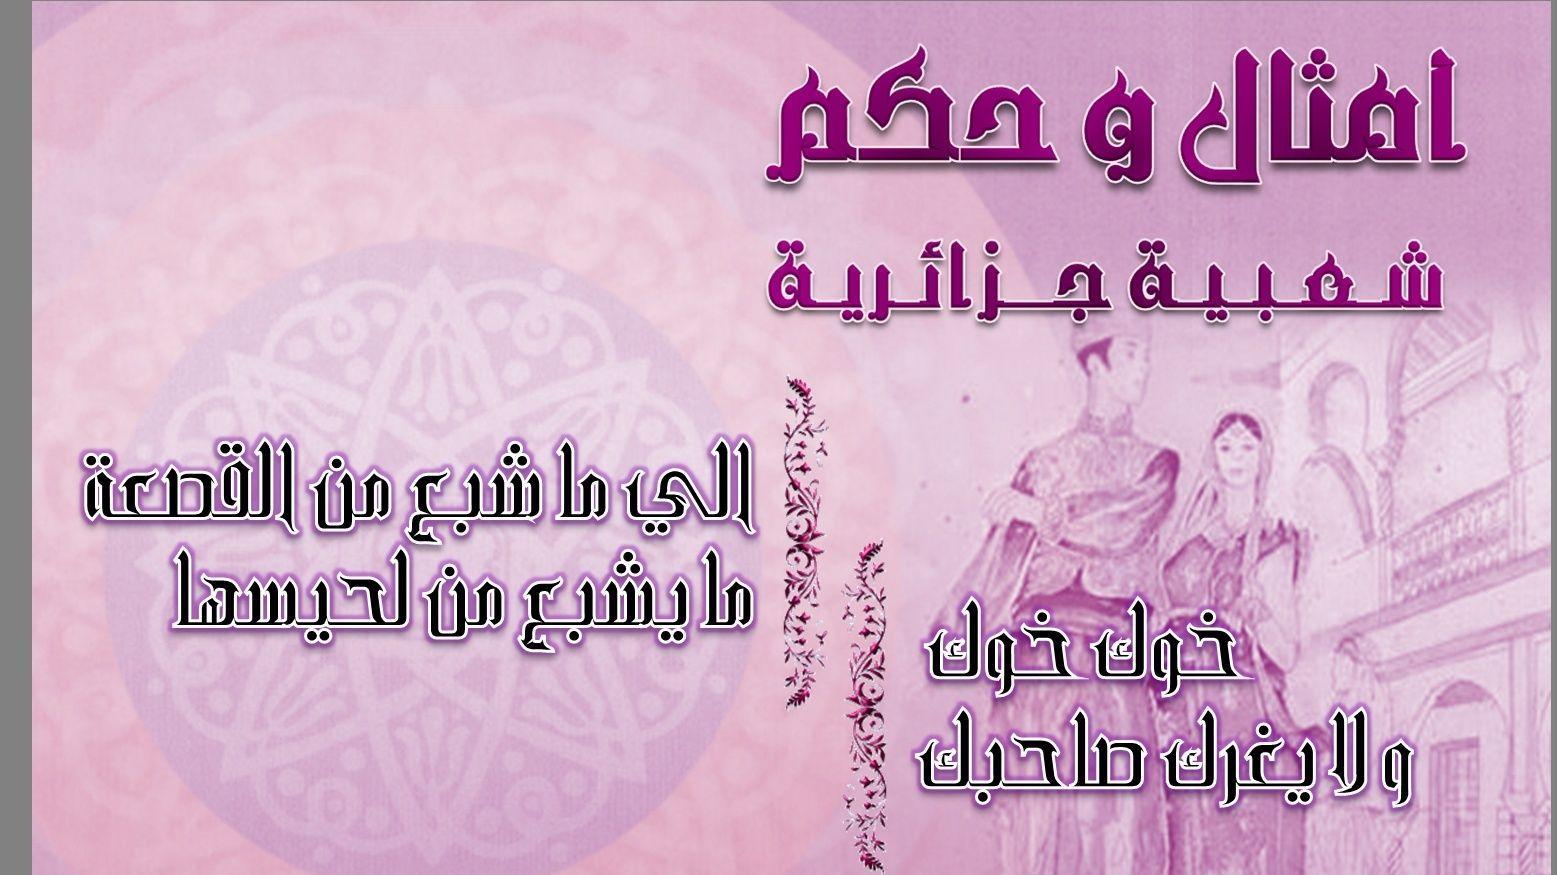 بالصور صور امثال جزائرية , امثال مصورة عن شعب الجزائر 242 7